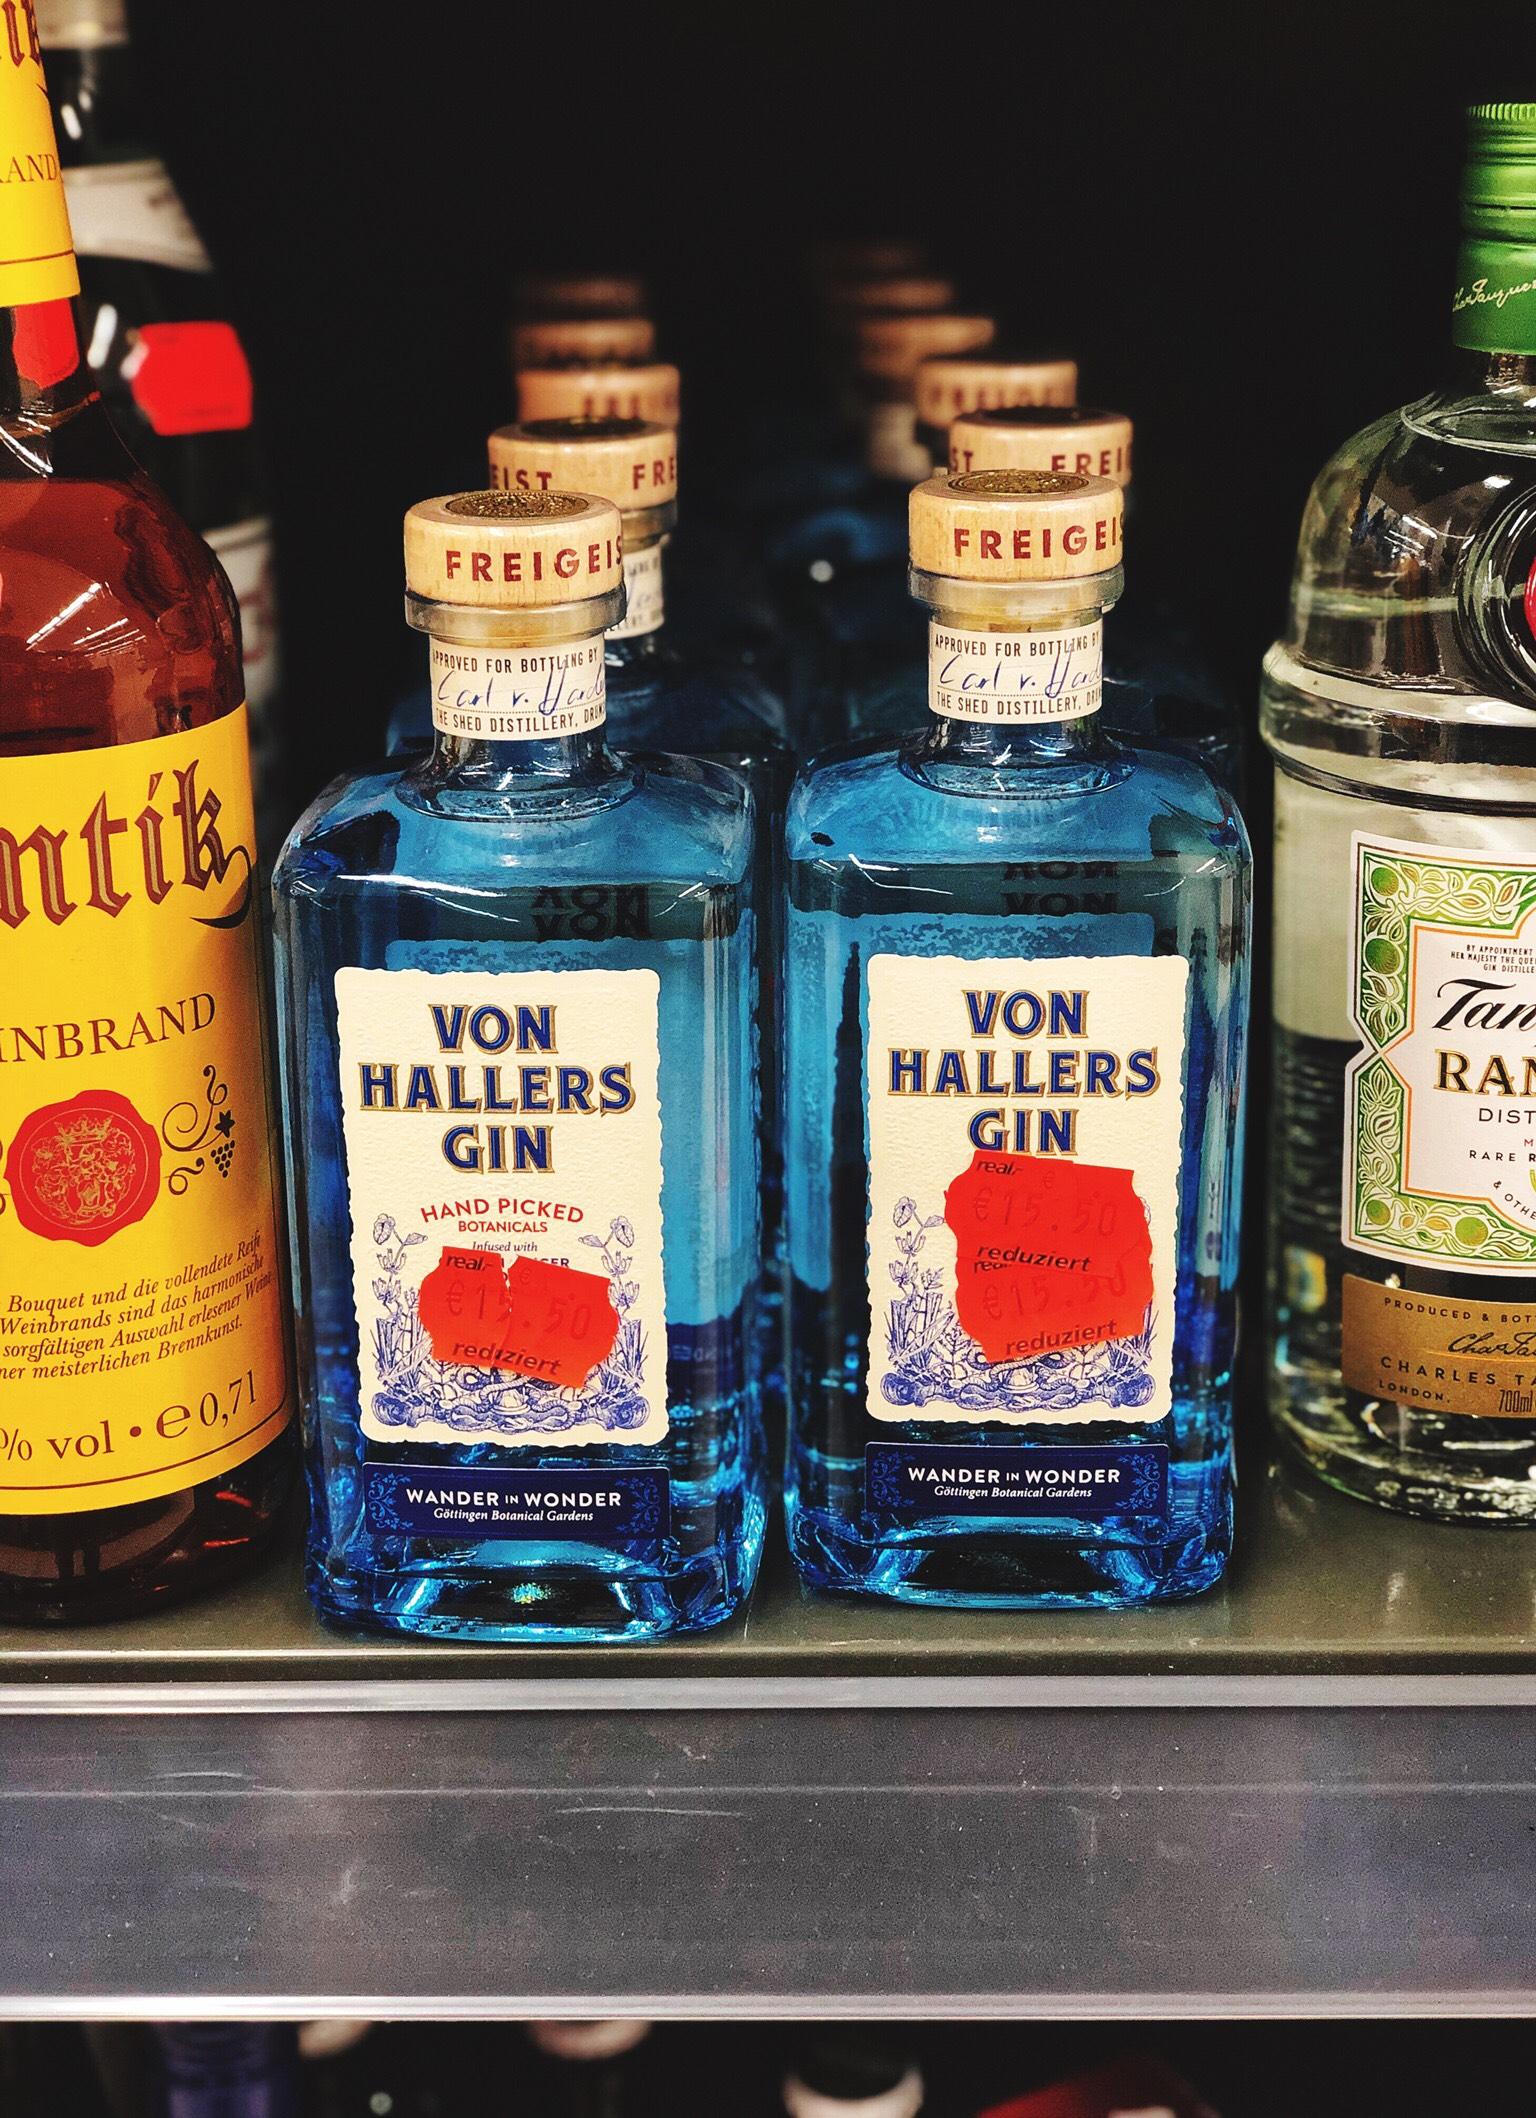 [LOKAL] Kaufland - Edingen Gewerbegebiet - Von Hallers Gin 44% (1 x 0,5l)